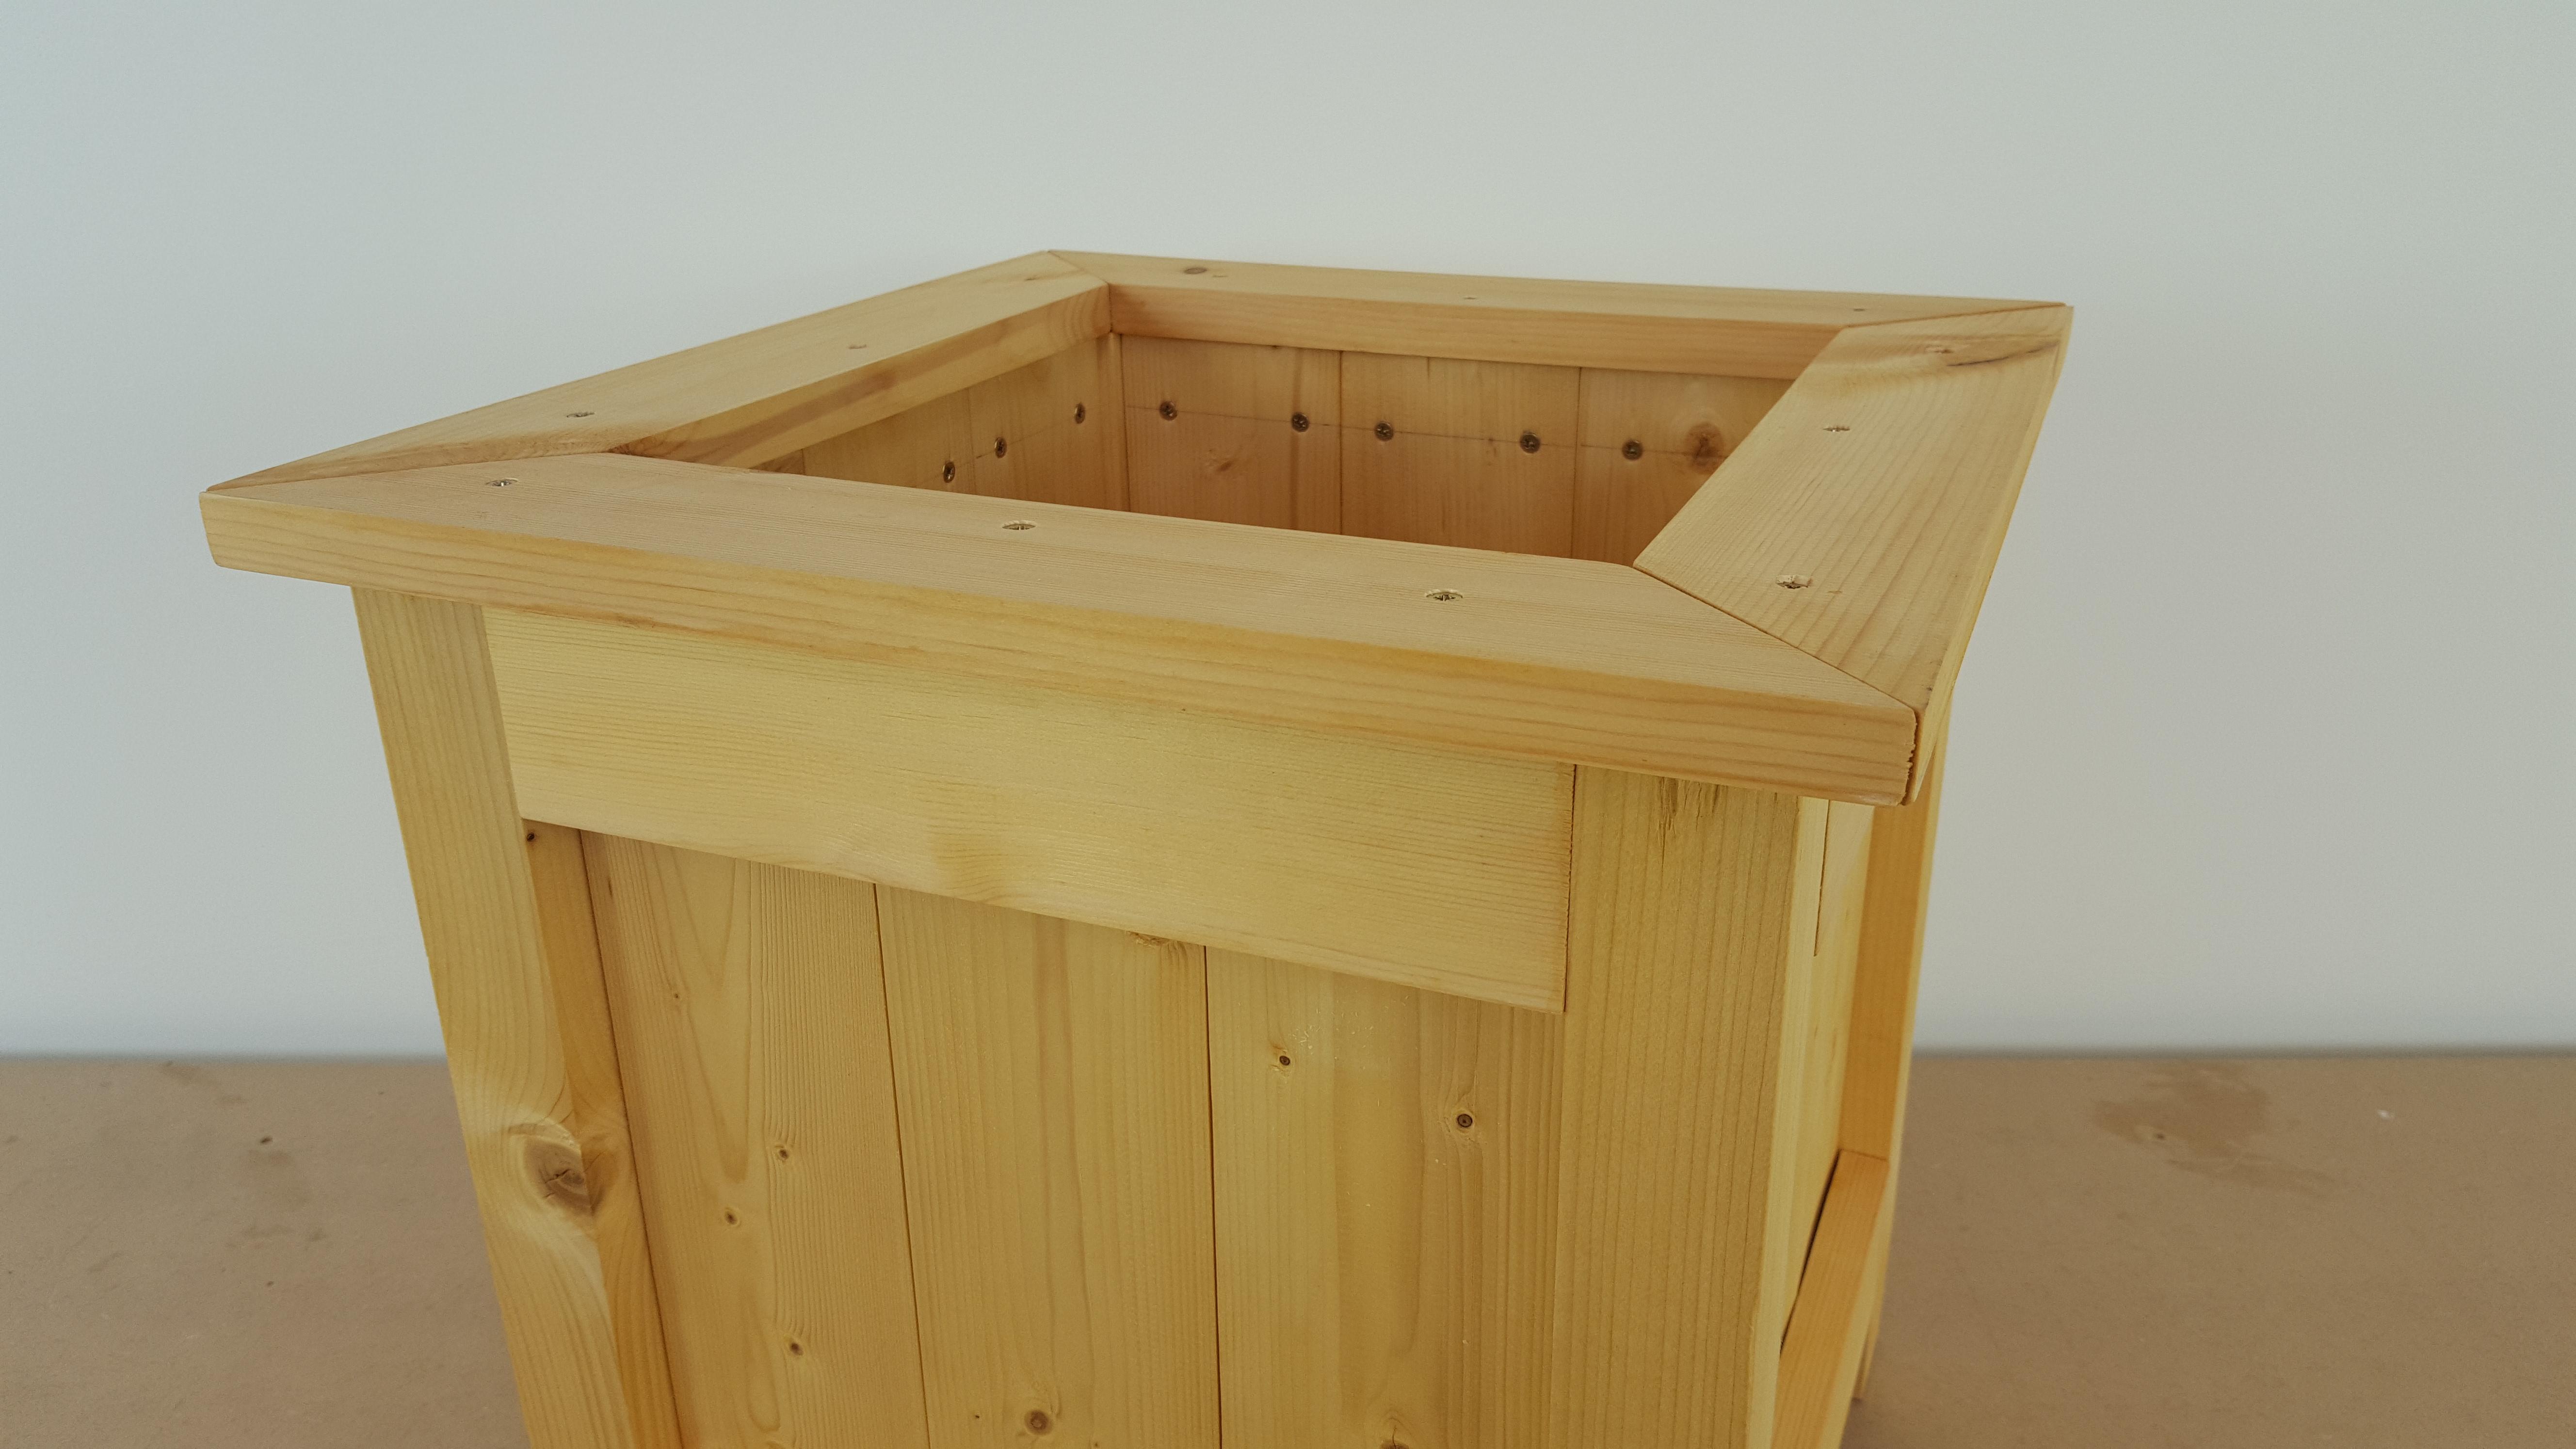 Comment faire une jardini re en bois ep26 vissermalin - Jardiniere en bois ...